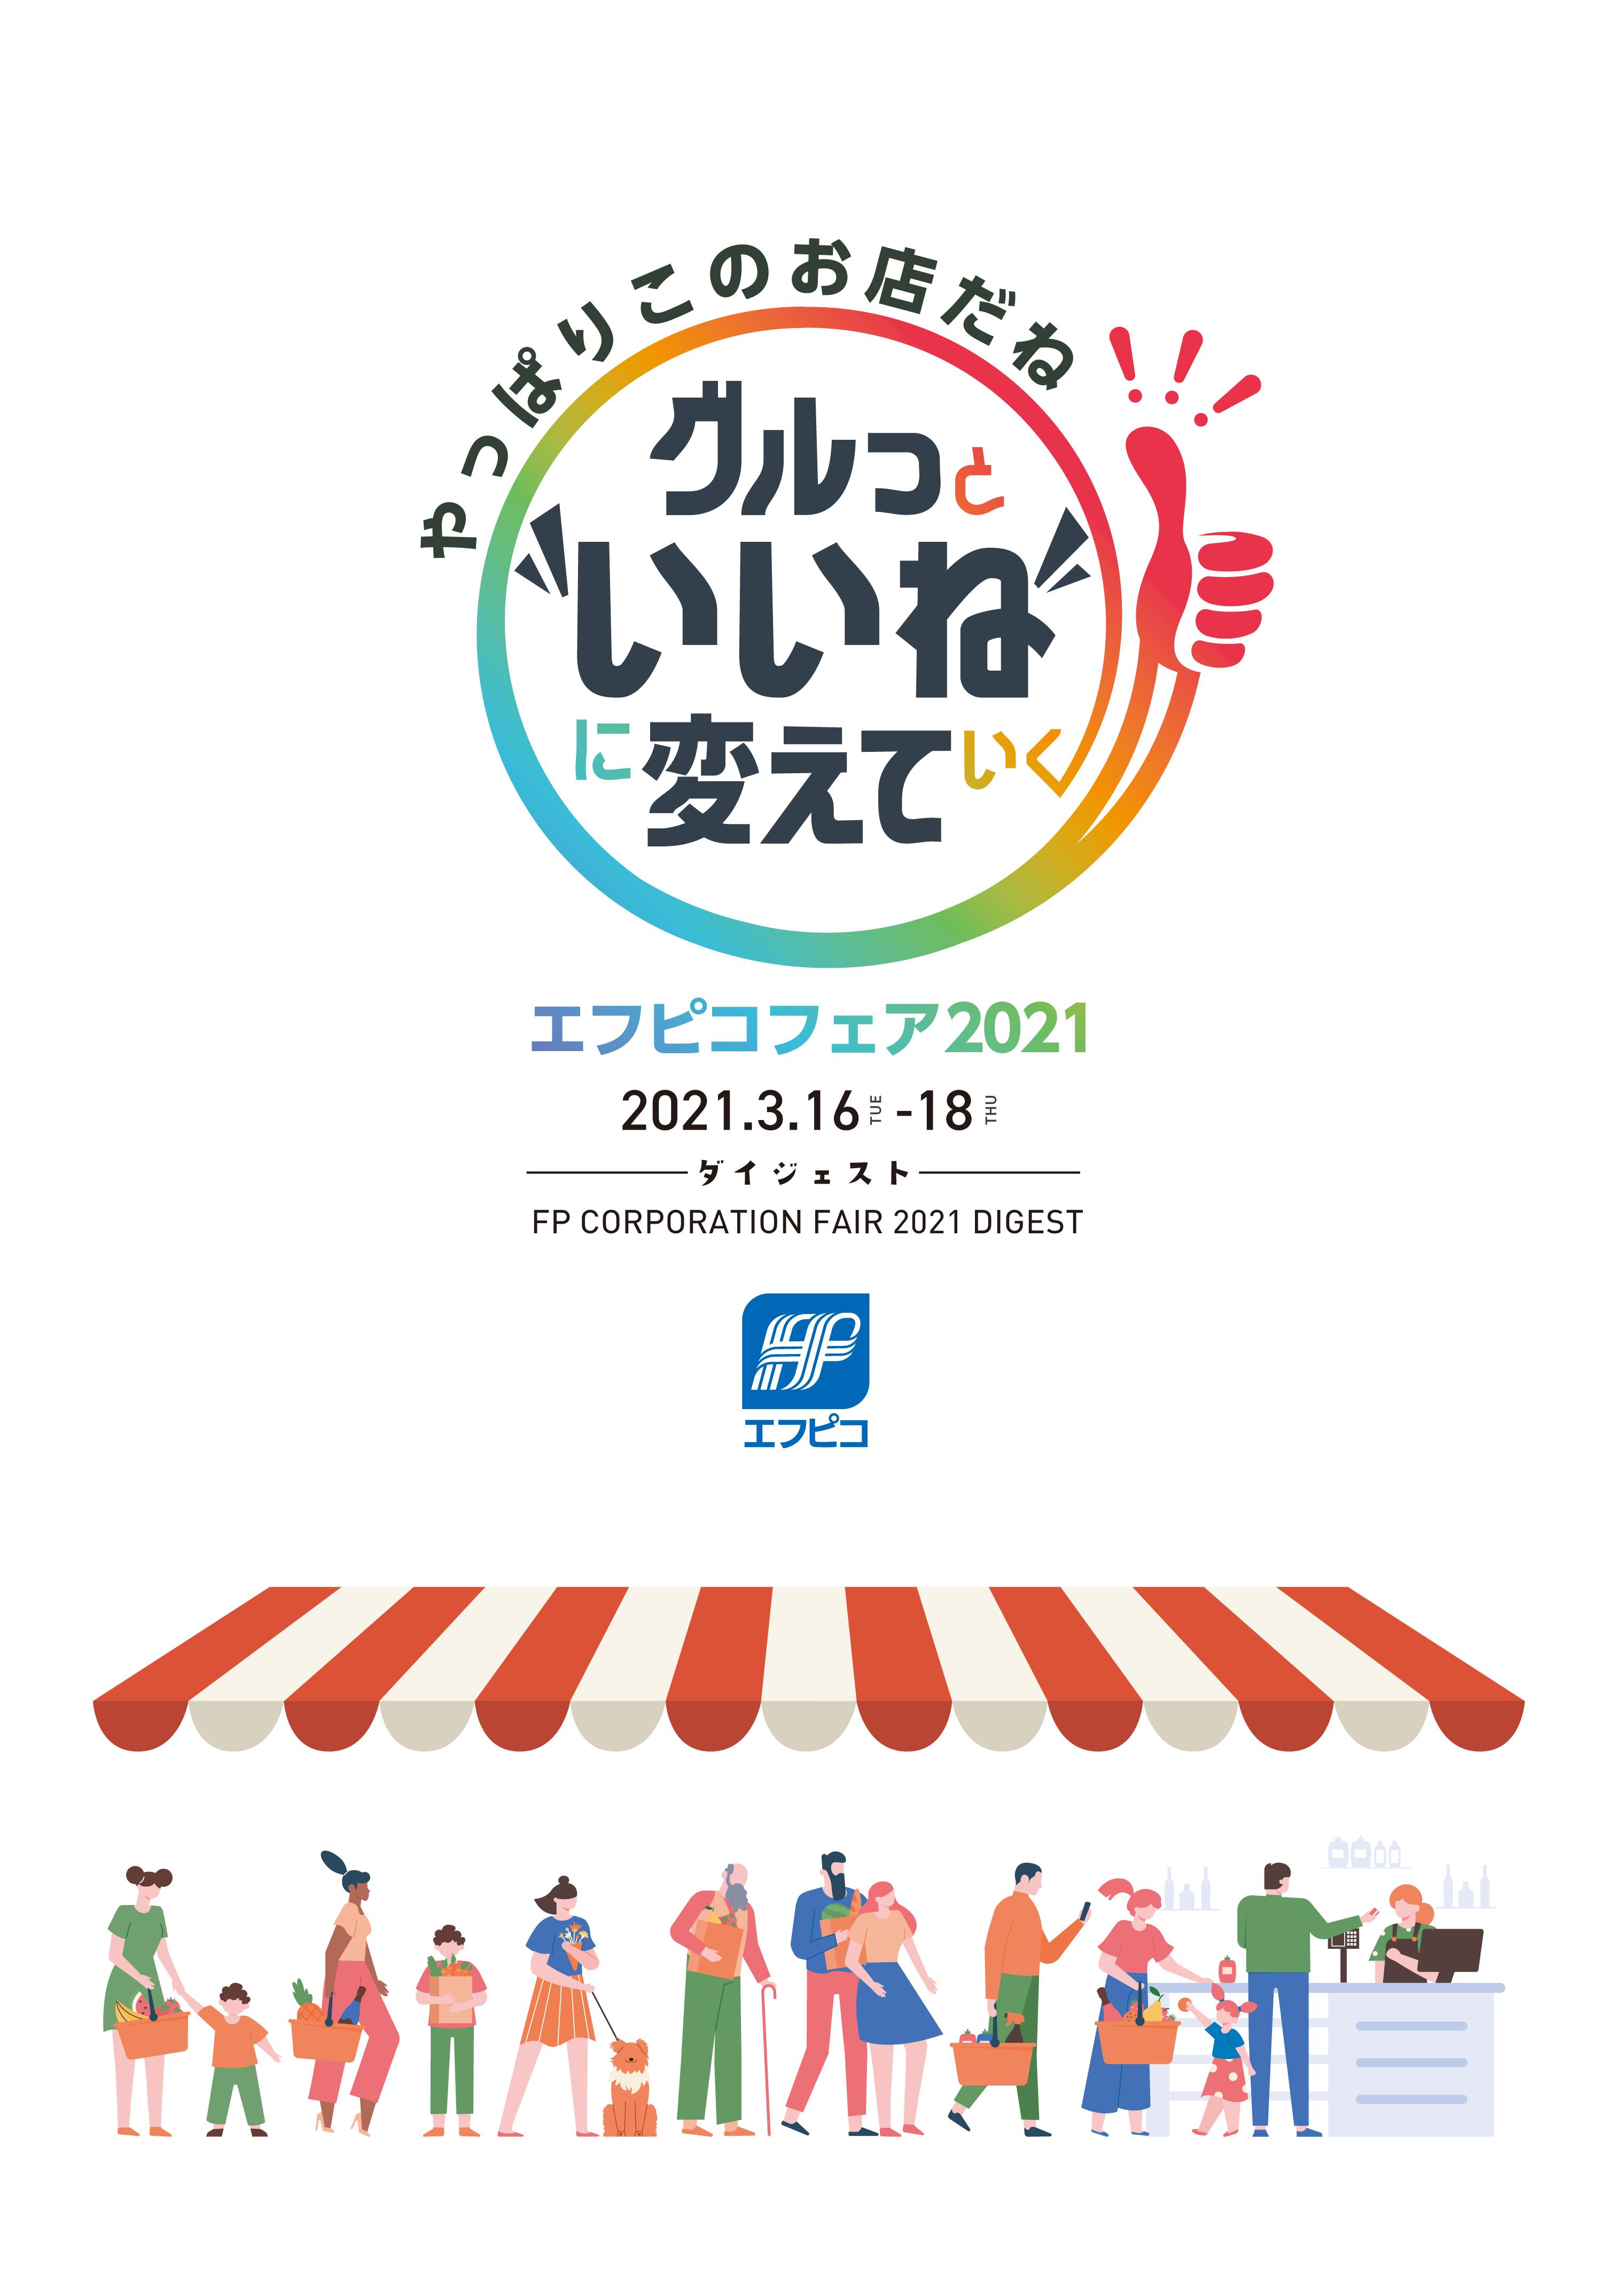 【製品カタログ】エフピコフェア2021ダイジェスト